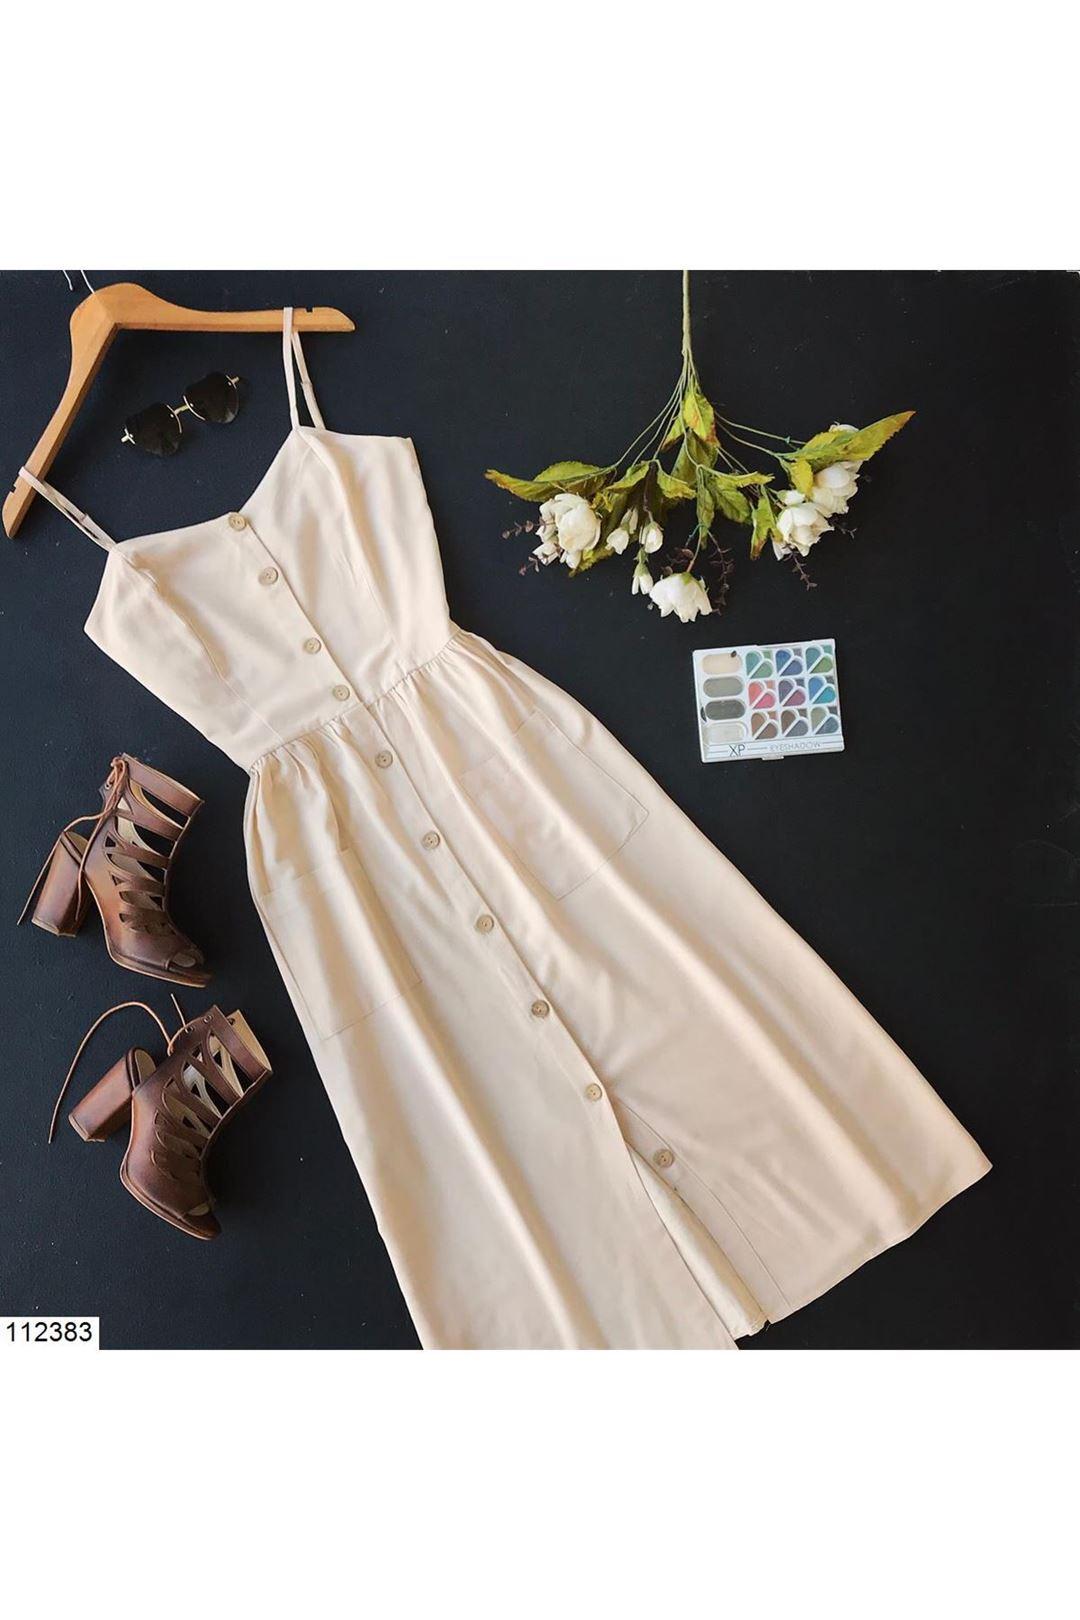 İp Askılı Cepli Bej Kadın Elbise 112383